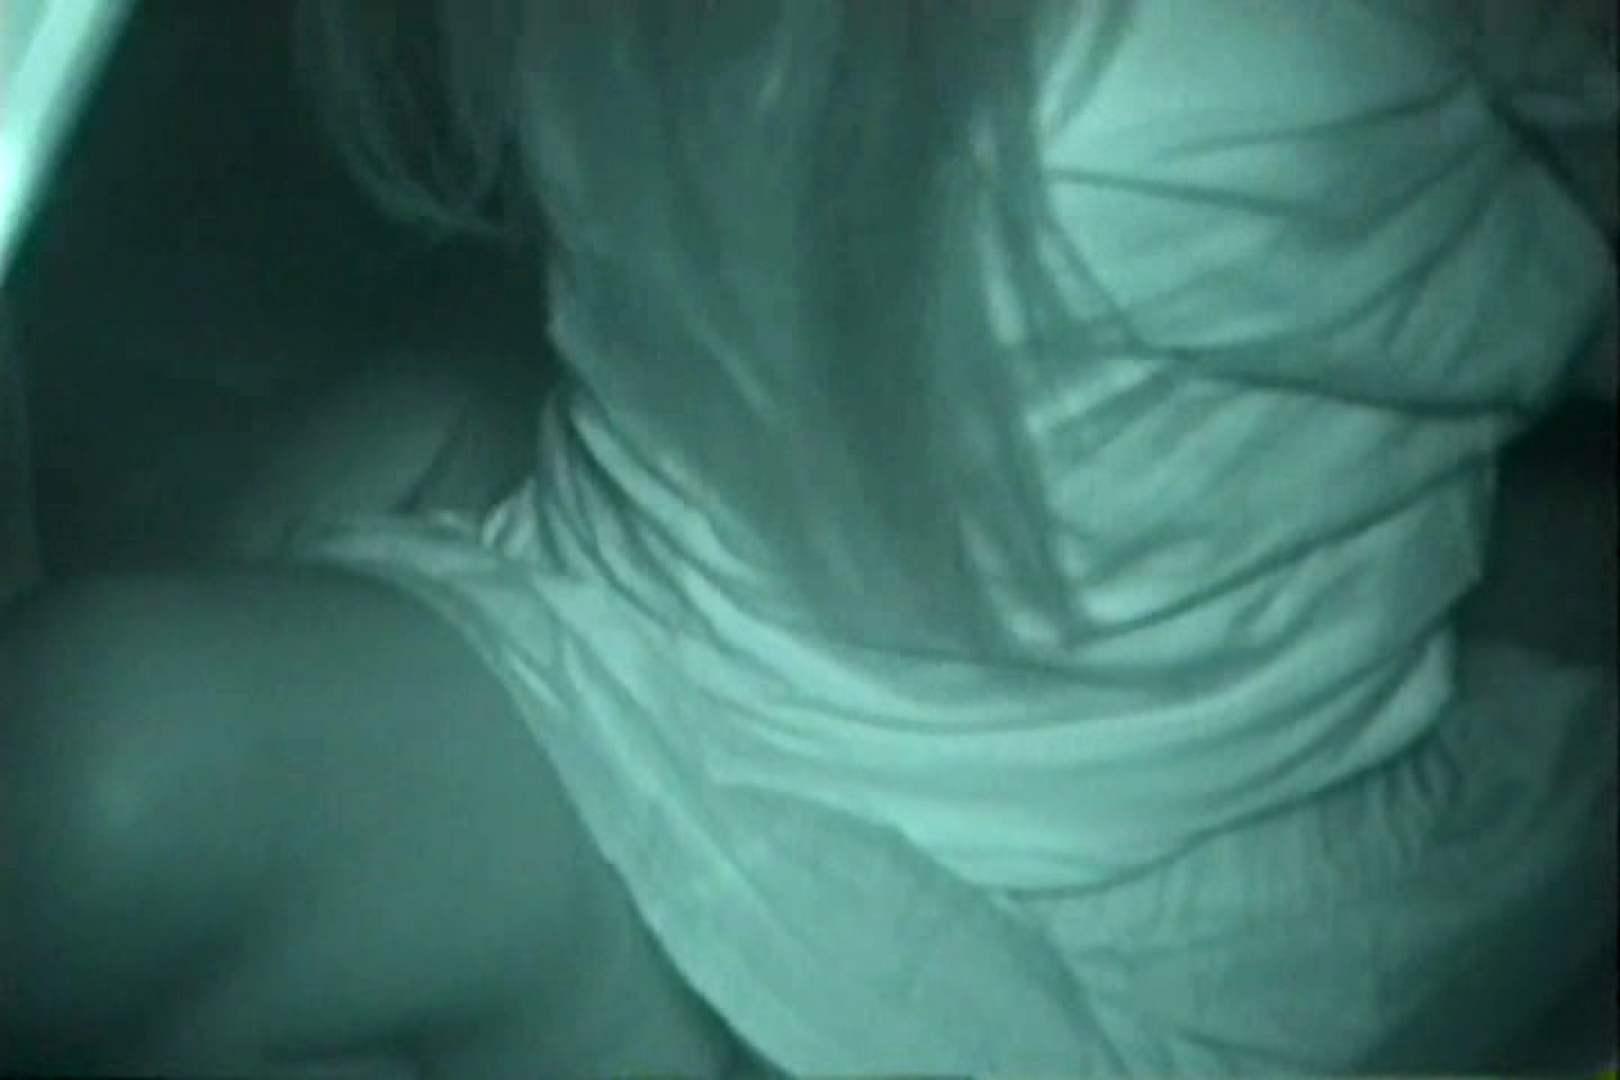 「充血監督」さんの深夜の運動会!! vol.127 赤外線 エロ画像 86pic 15